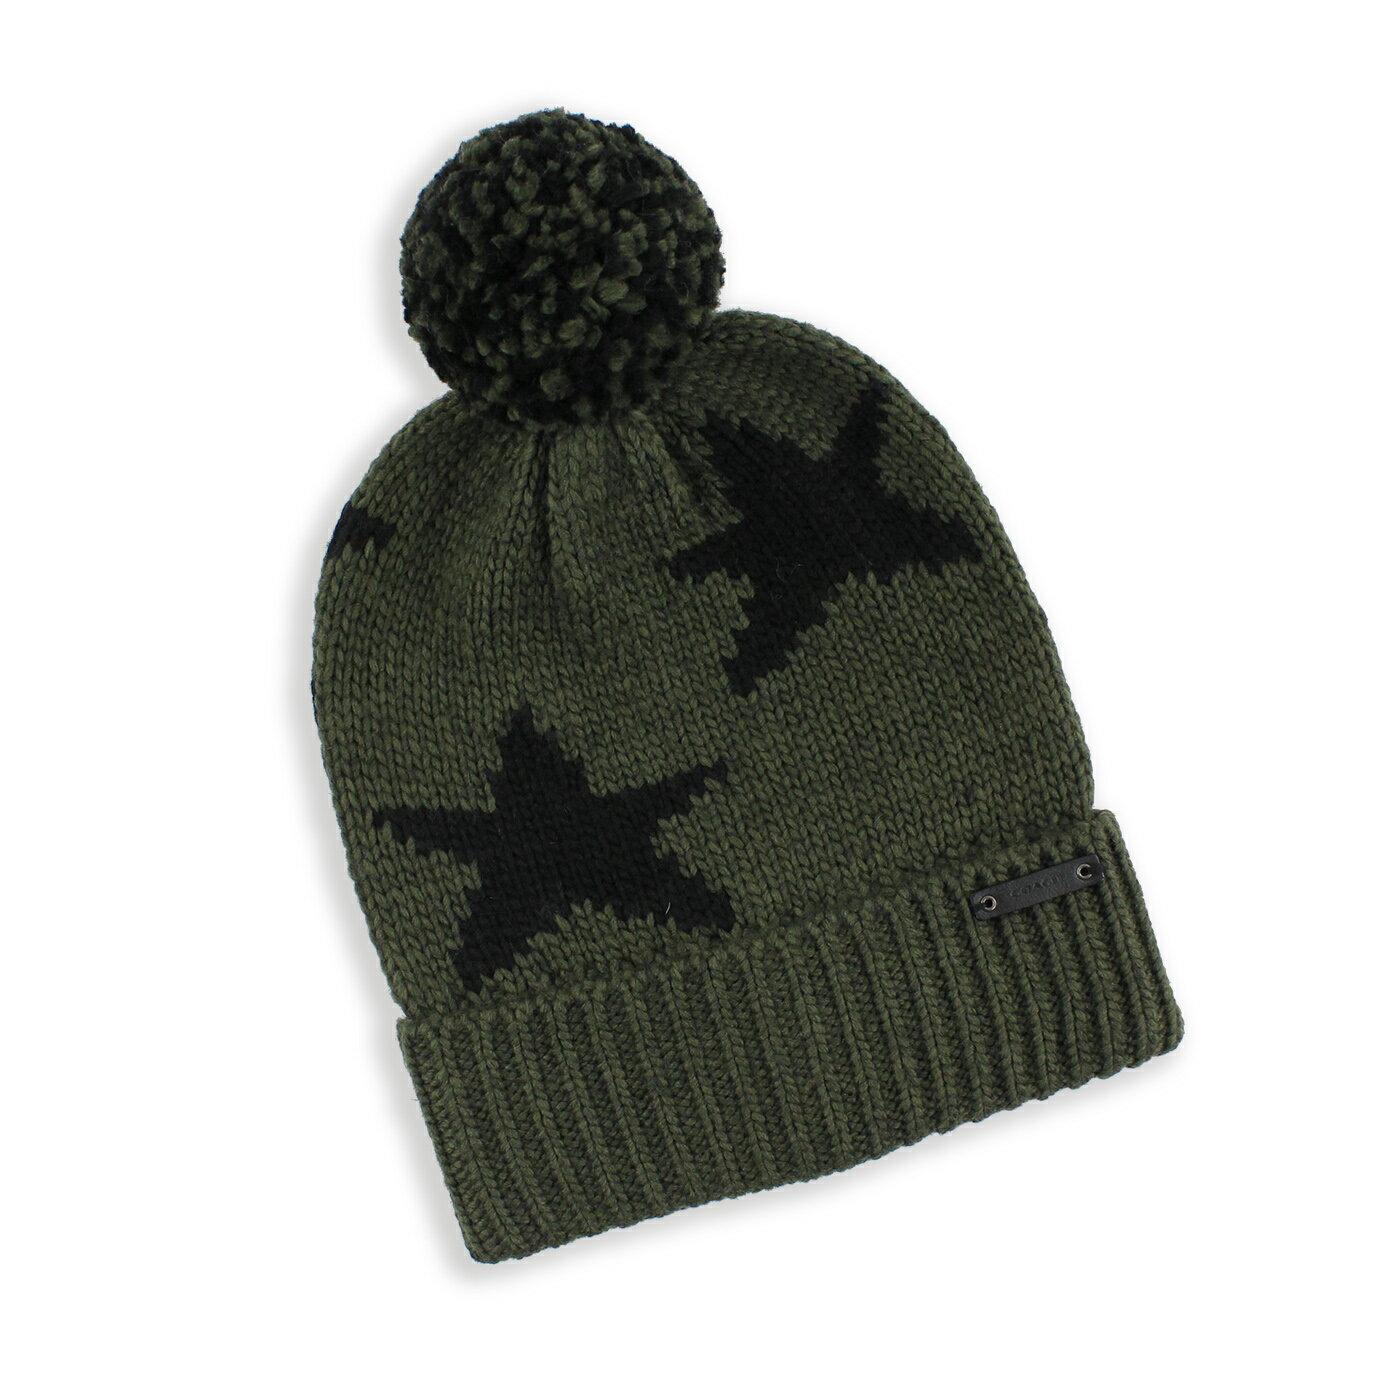 美國百分百【全新真品】COACH 毛帽 針織帽 帽子 配件 毛線帽 86023 保暖 羊毛 星星 男 軍綠色 G091